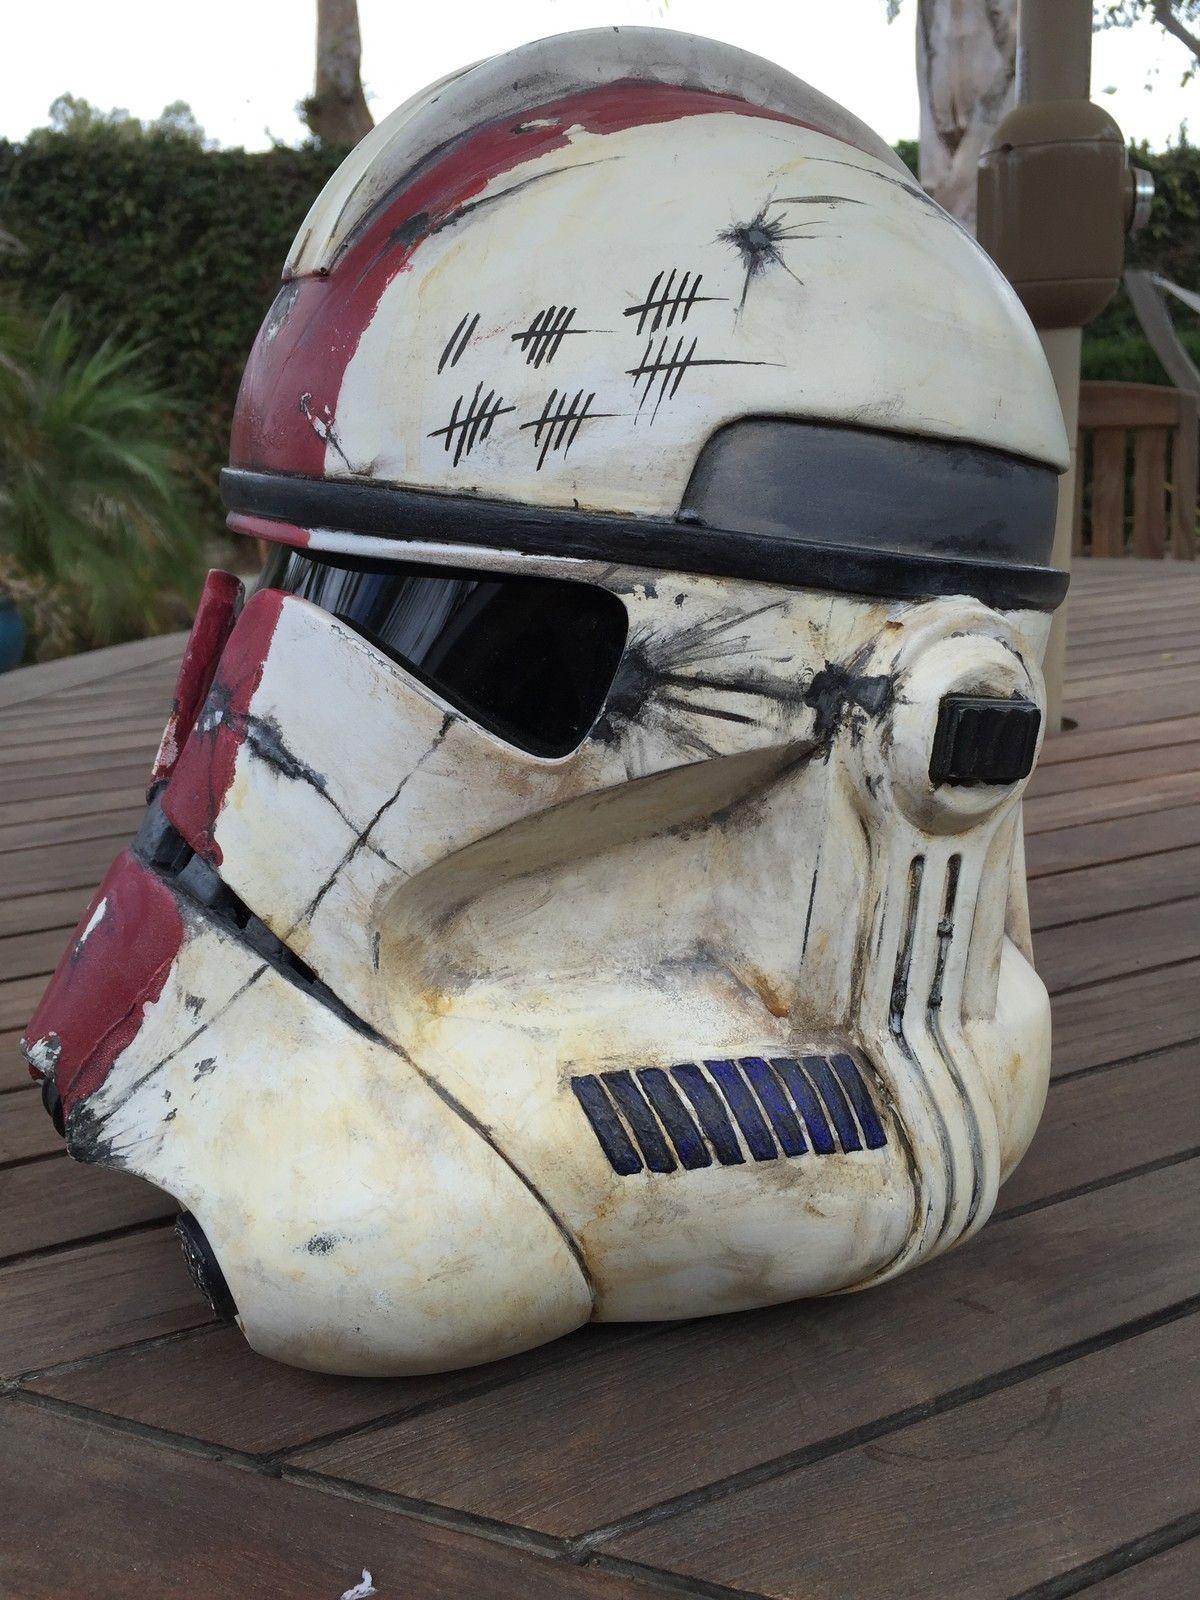 Star Wars Clone Wars Helmet Paint Jobs